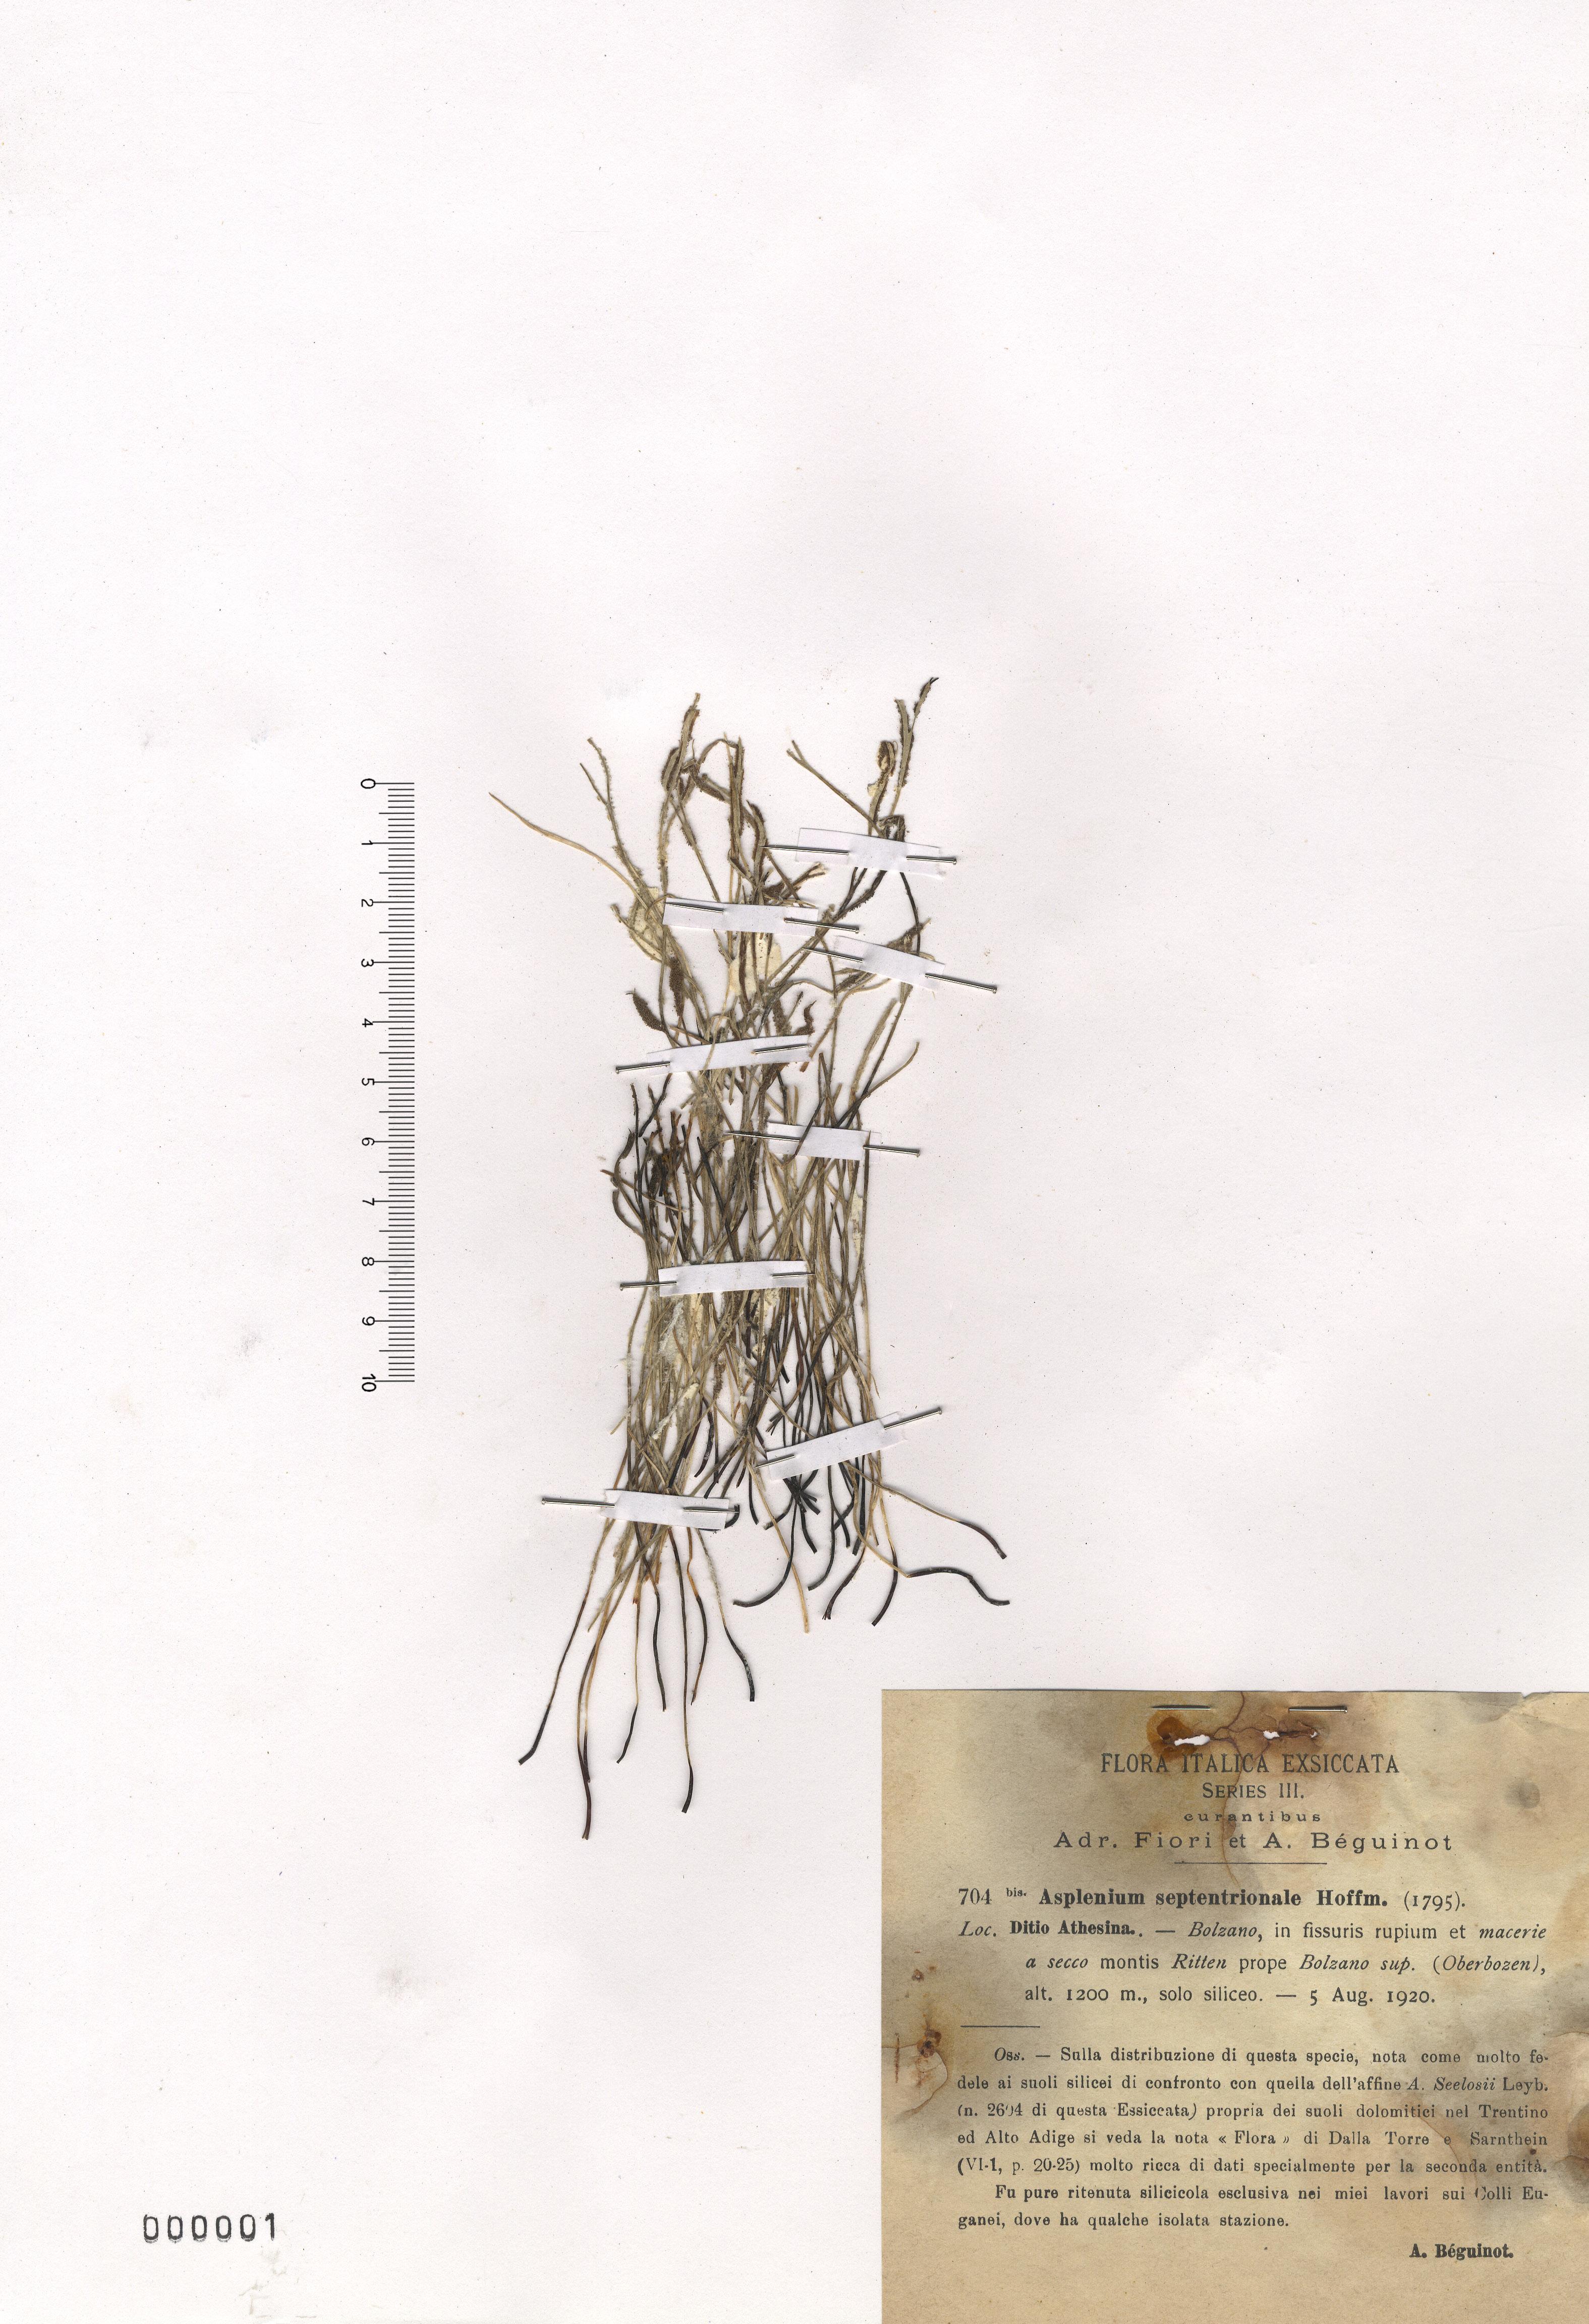 © Hortus Botanicus Catinensis - Herb. sheet 000001<br>